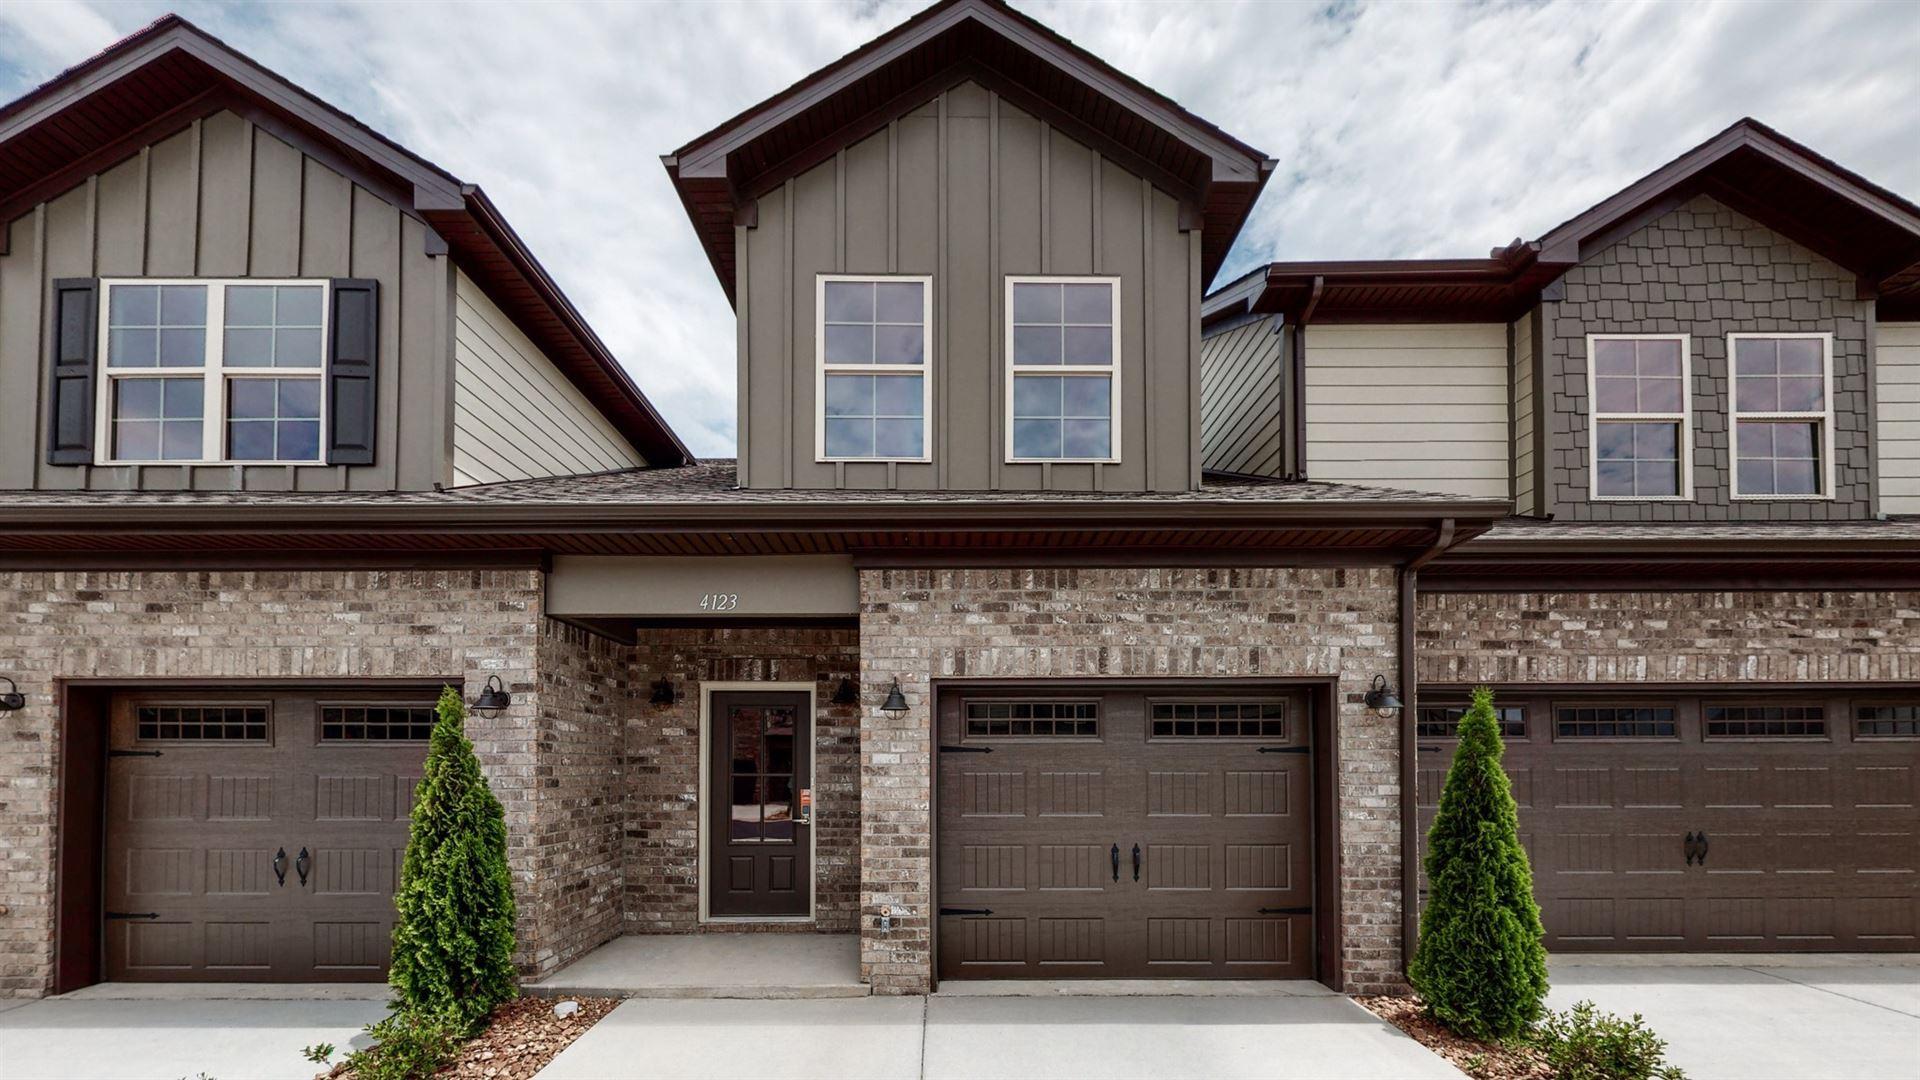 4126 Suntropic Ln Lot 31, Murfreesboro, TN 37127 - MLS#: 2192235